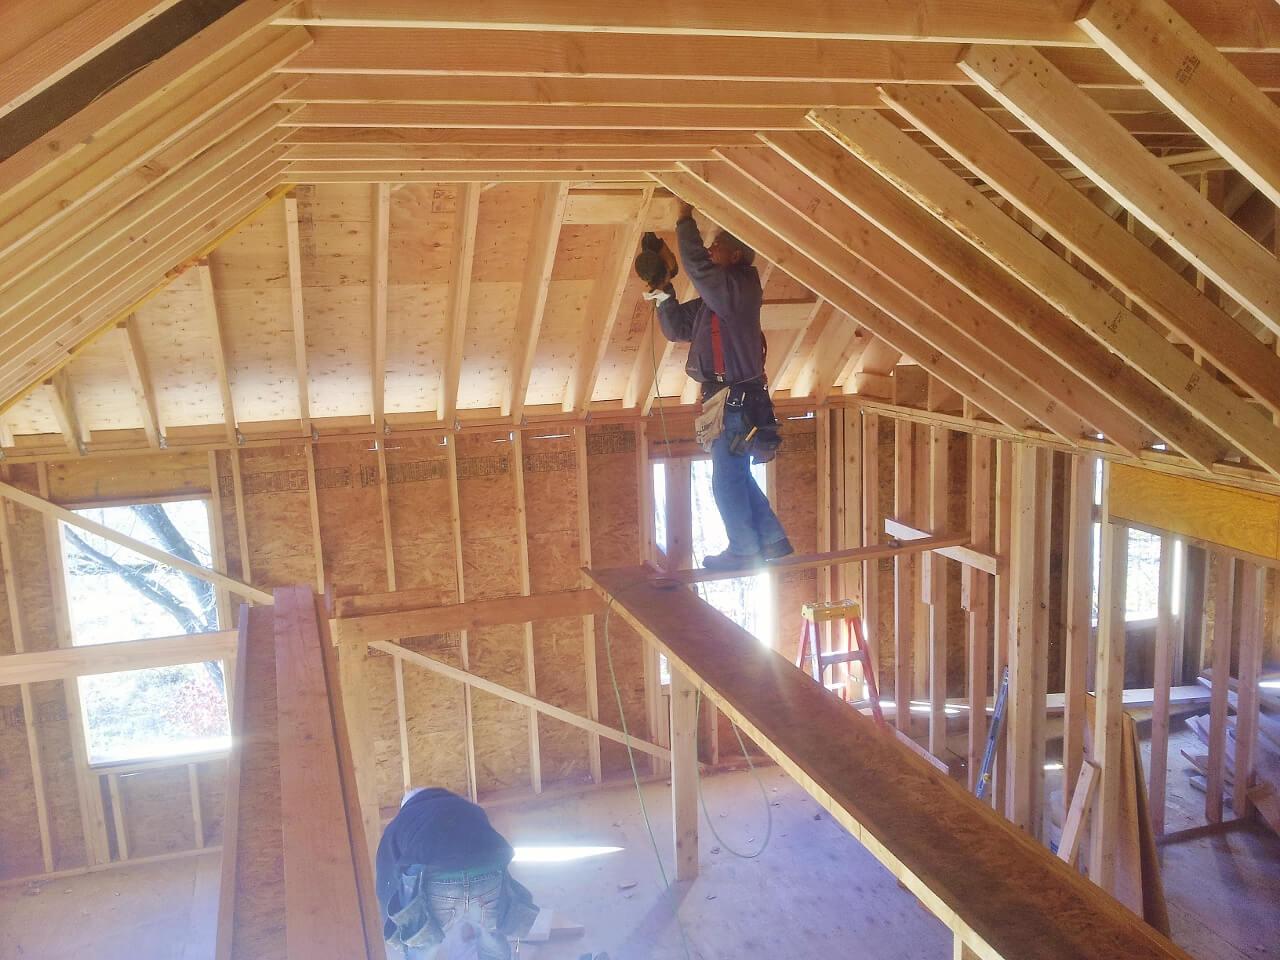 NJPB framing roof - worker on beam